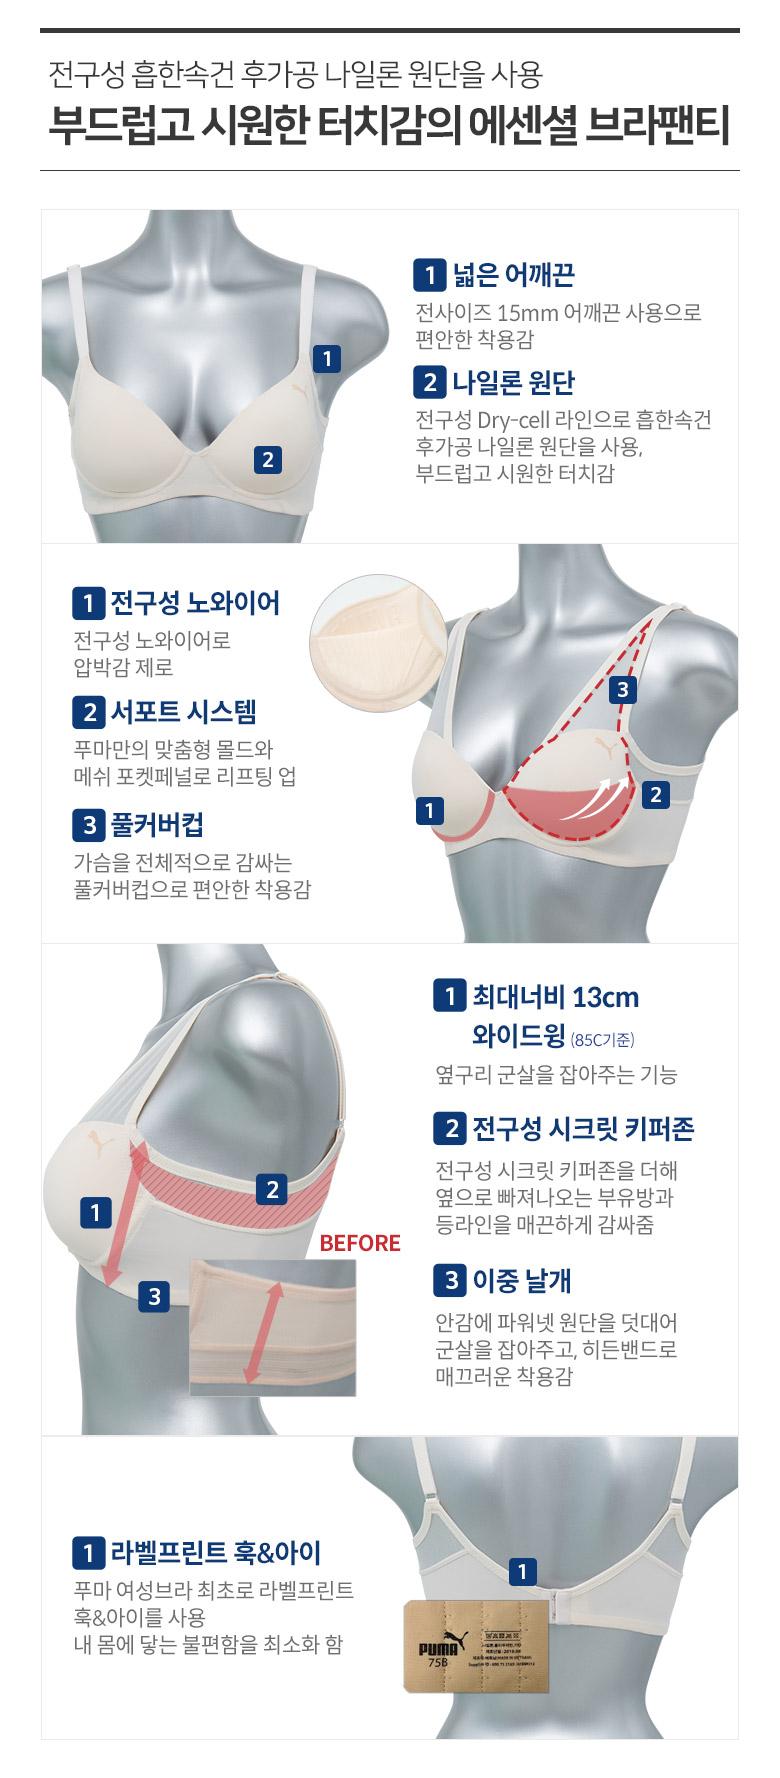 푸마 바디웨어(PUMA BODYWEAR) 여성 에센셜 2차 브라팬티 스킨